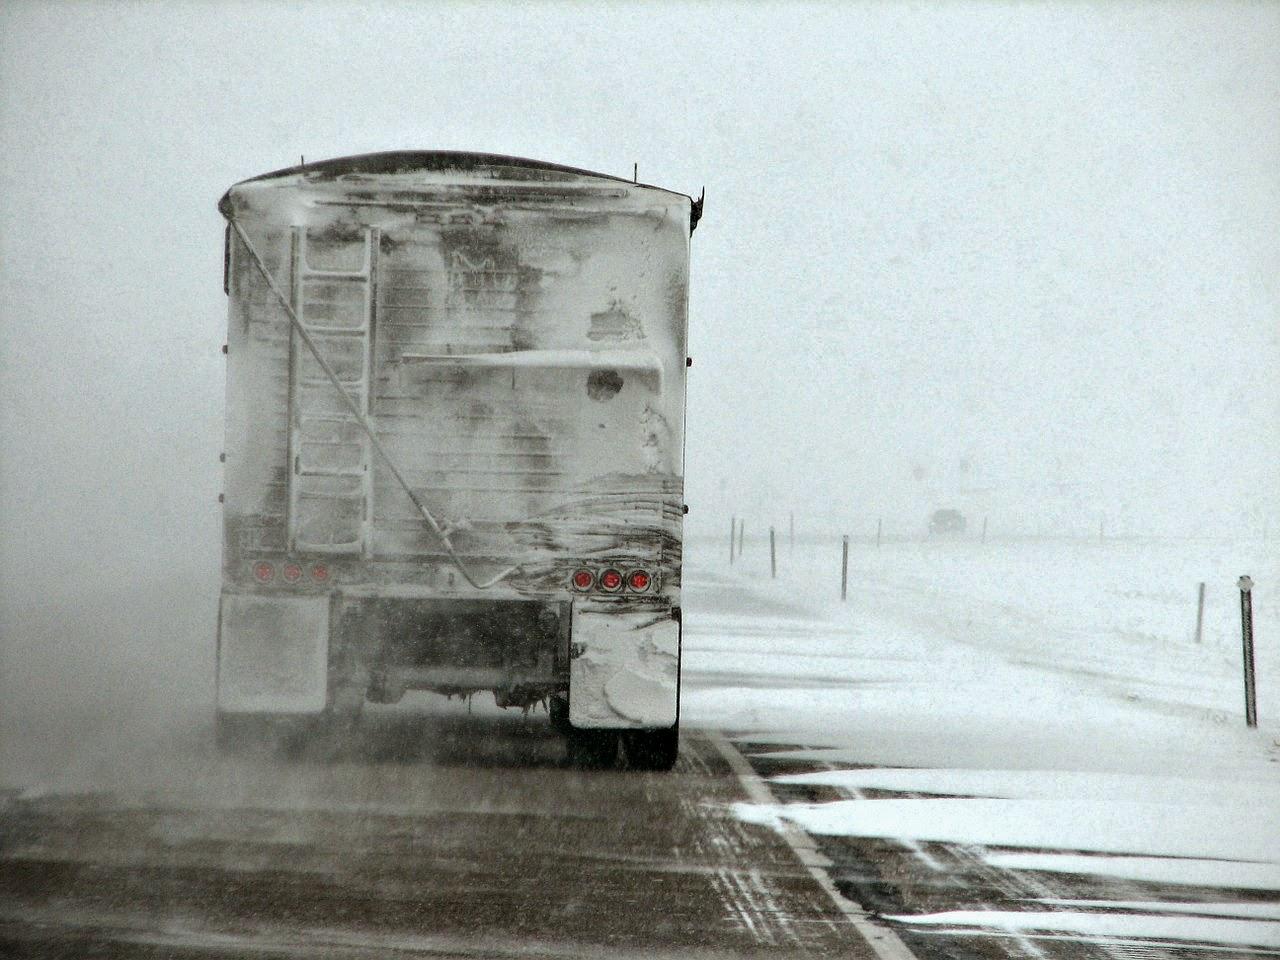 CNADNR, Románia, időjárás, tél, havazás, Bukarest, közlekedés